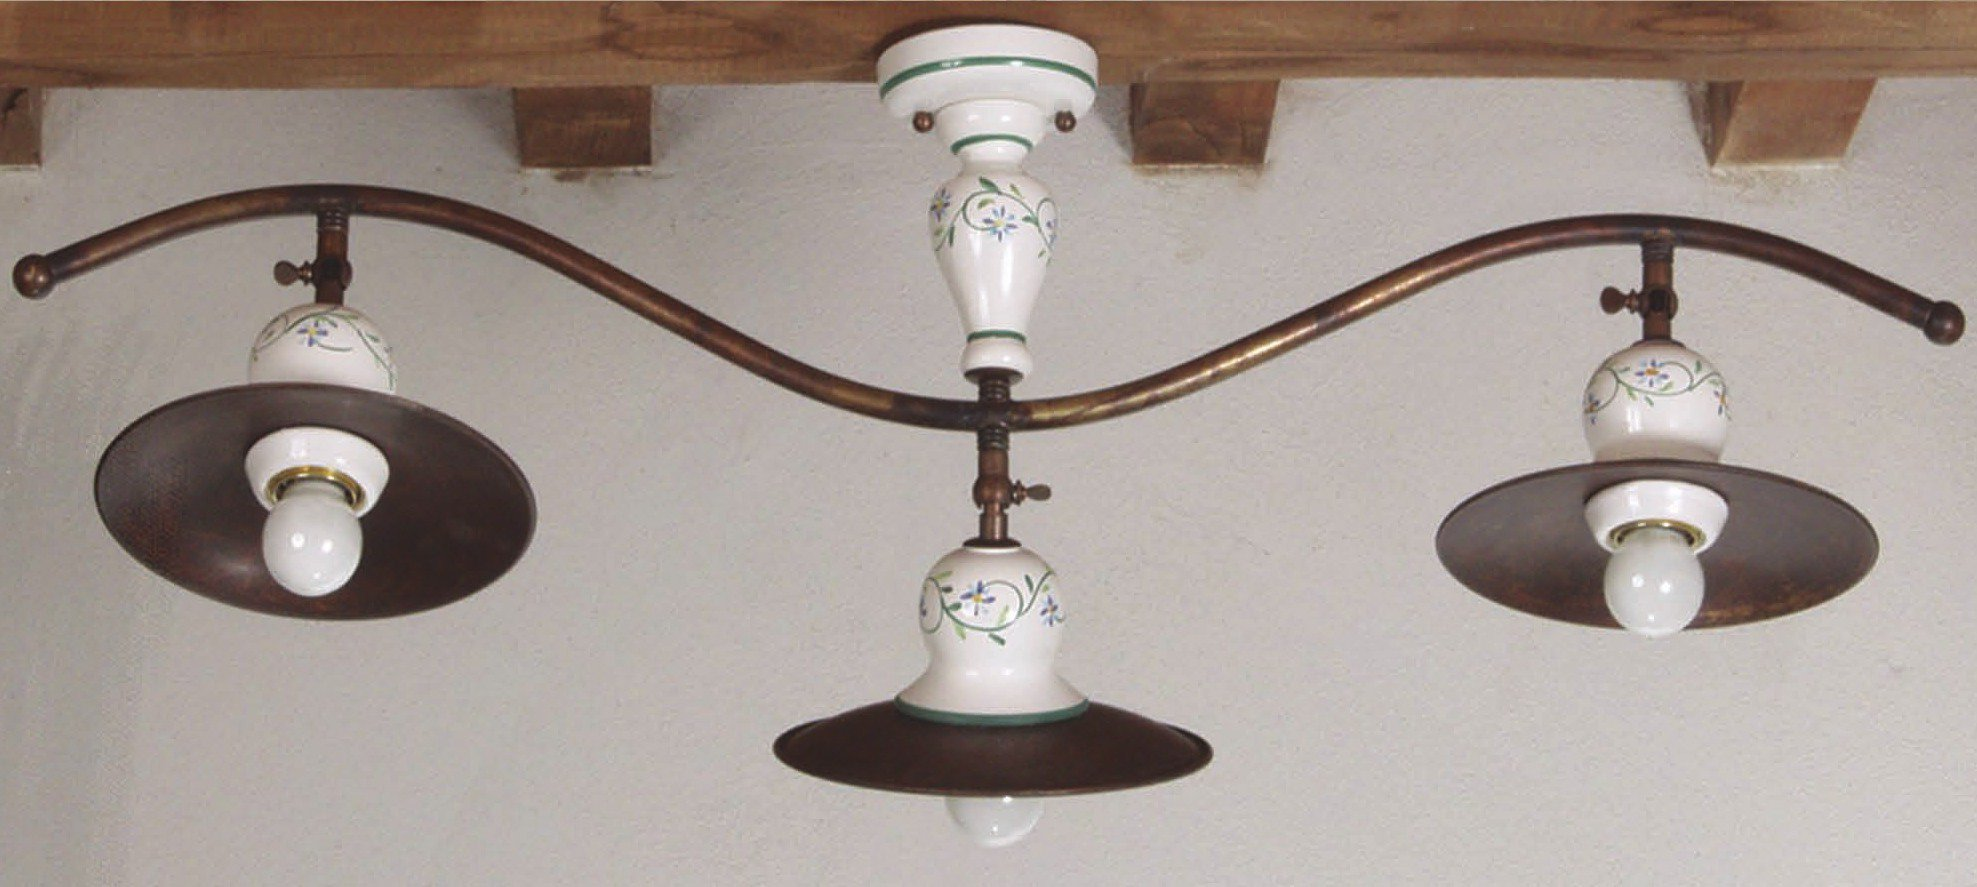 dreiflammige deckenleuchte im rustikalen landhausstil von signa g nstig kaufen bei lampen. Black Bedroom Furniture Sets. Home Design Ideas